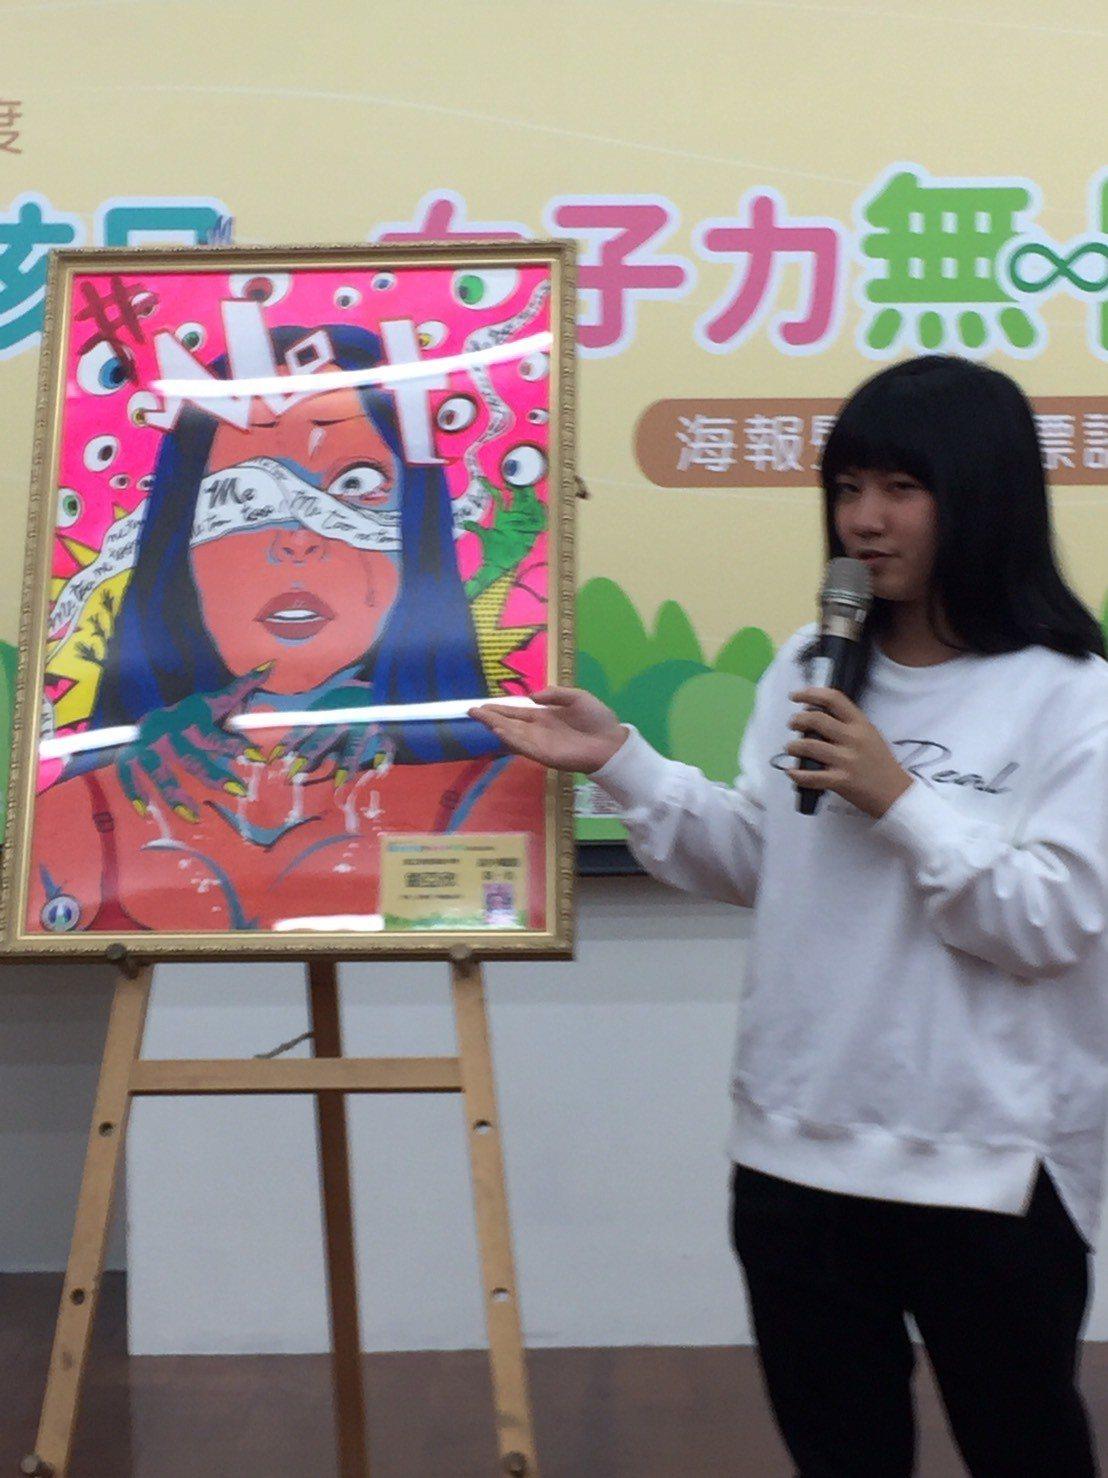 教育部今天舉行「台灣女孩日-『女子力無限』海報暨主題標語競賽」頒獎典禮,國立新營...